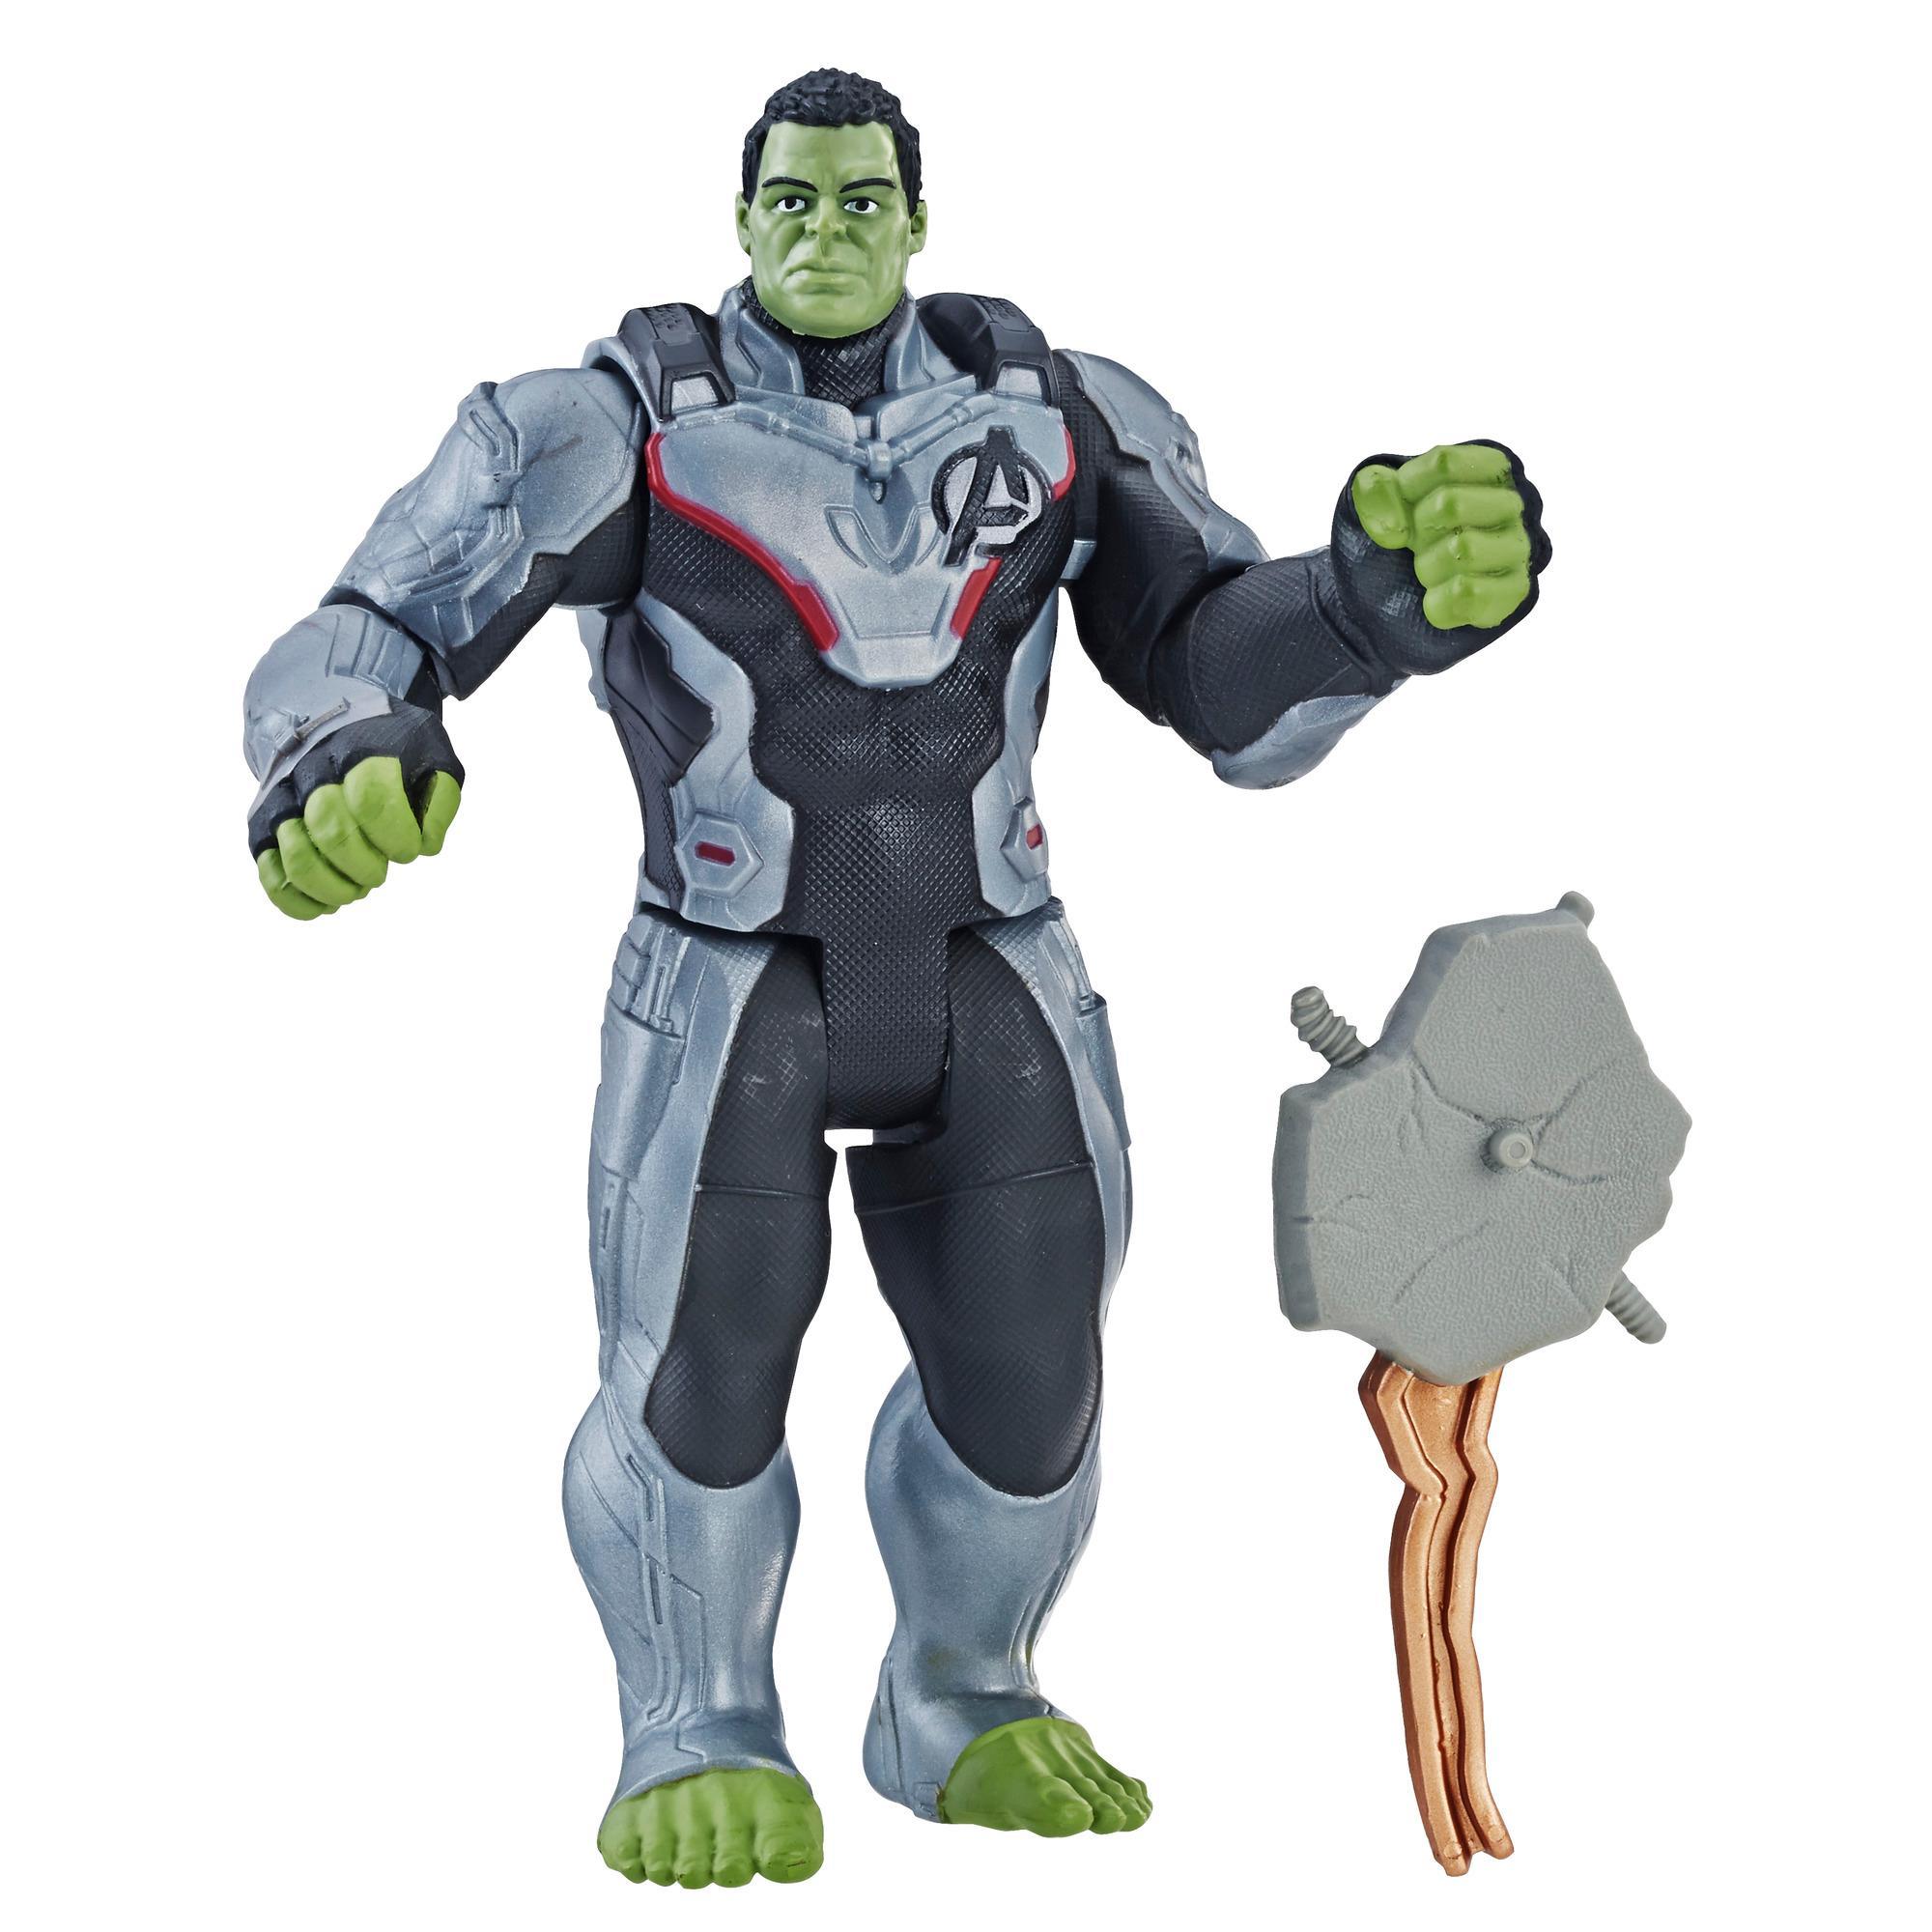 Marvel Avengers: Endgame Deluxe-Figuren aus dem Marvel Cinematic Universe  – Hulk Avengers